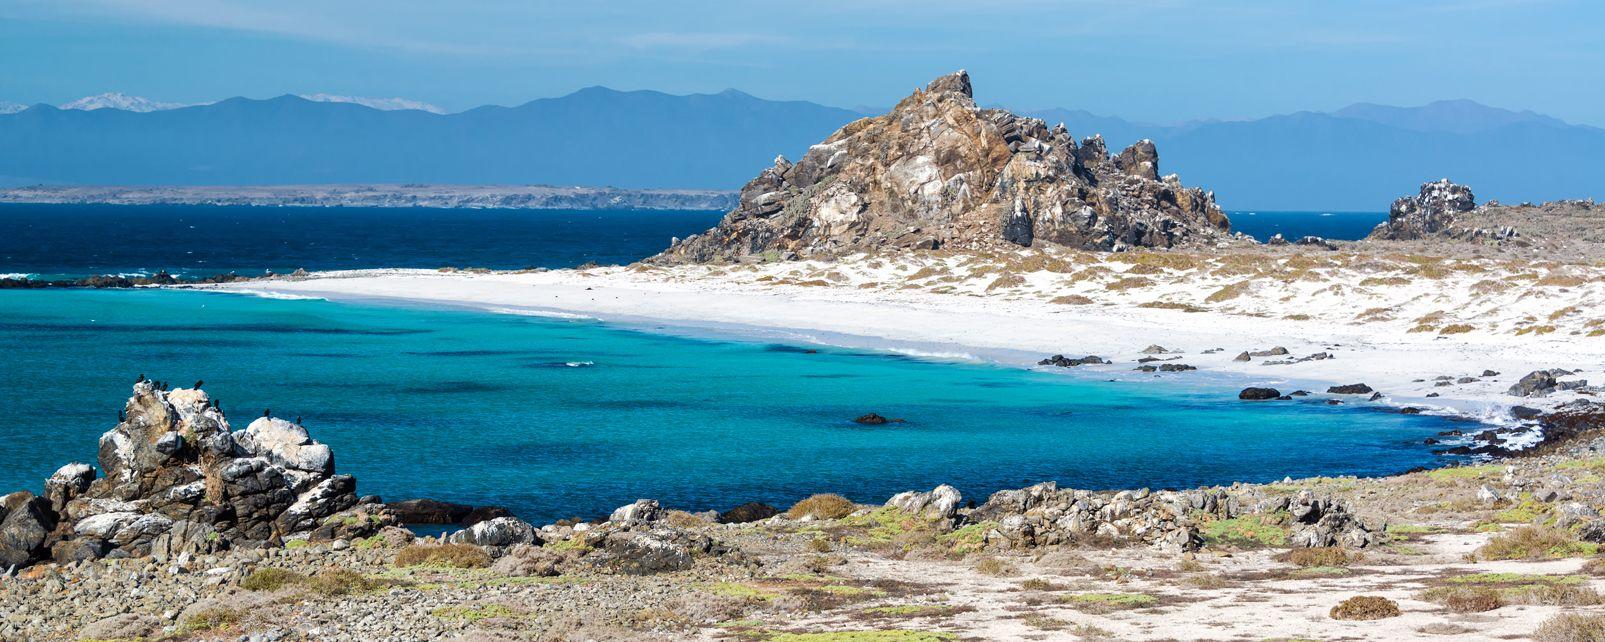 Les côtes, chili, amérique, latine, amérique du sud, serena, océan, plage, pacifique, damas, île